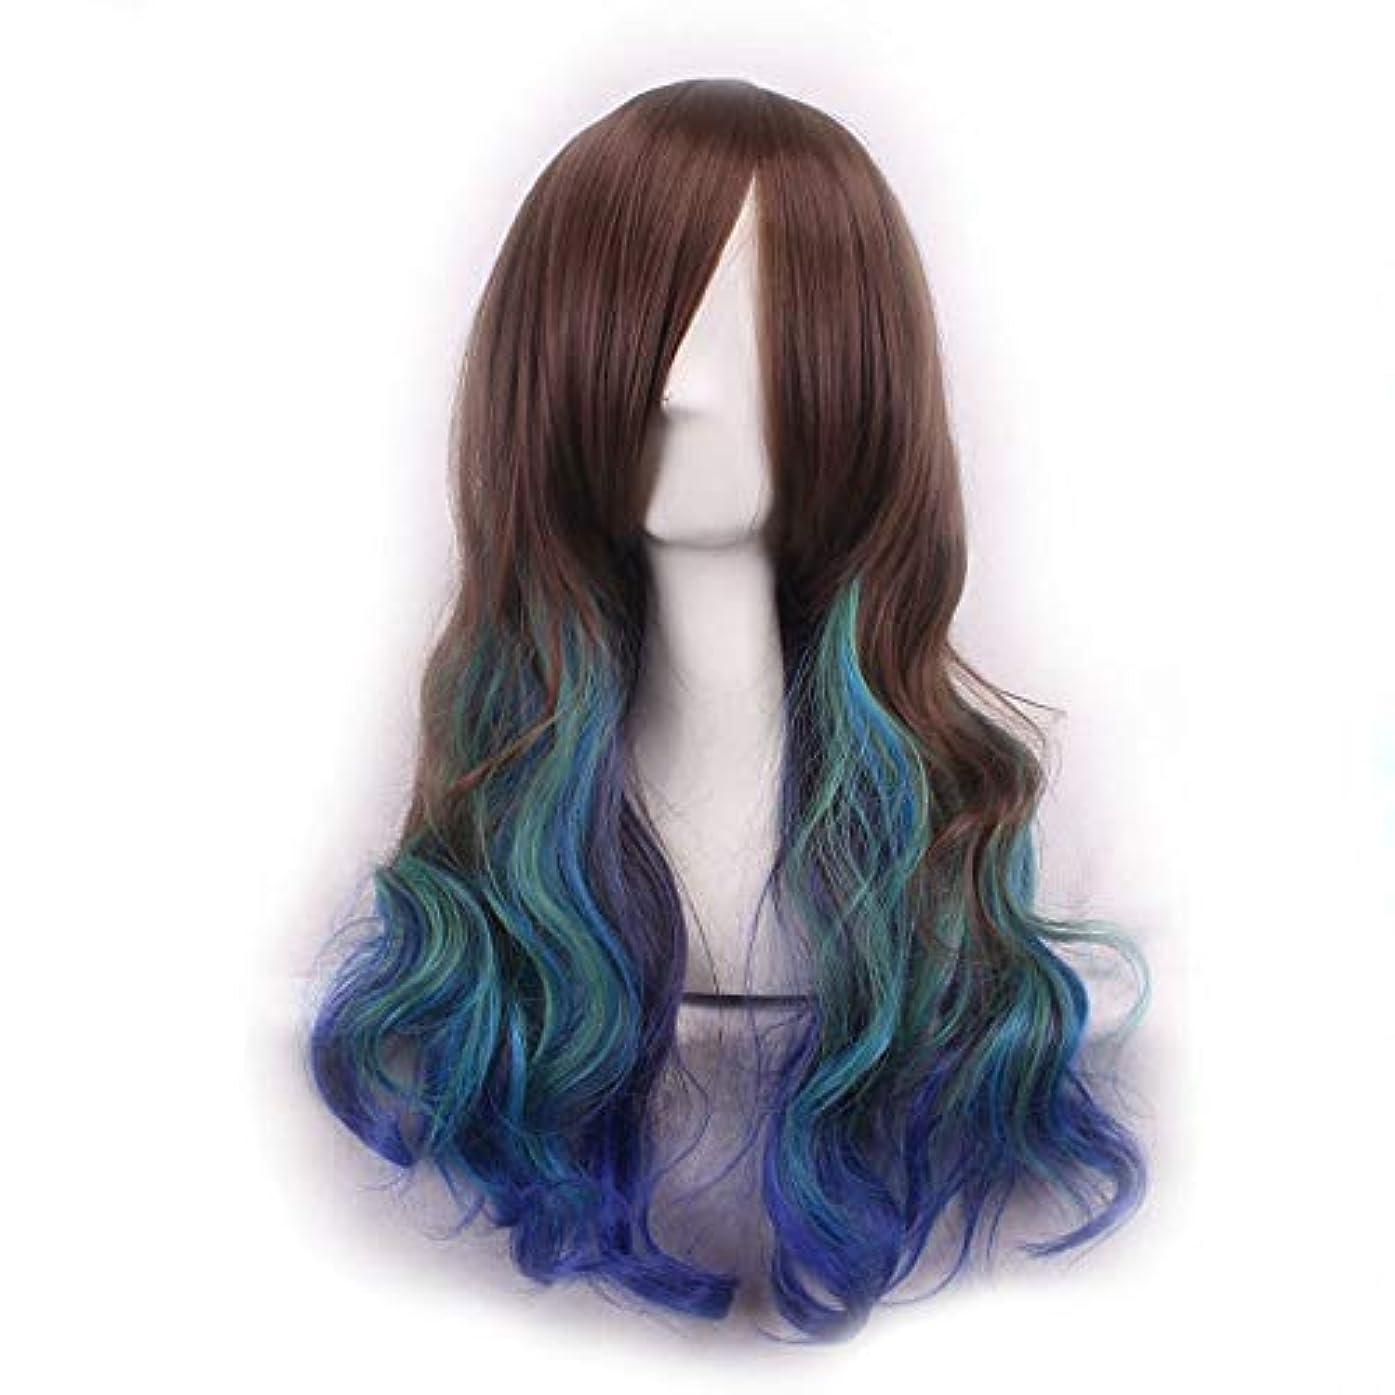 知覚できる野望リレーかつらキャップでかつらファンシードレスカールかつら女性用高品質合成毛髪コスプレ高密度かつら女性&女の子ブルー、レッド (Color : 青)